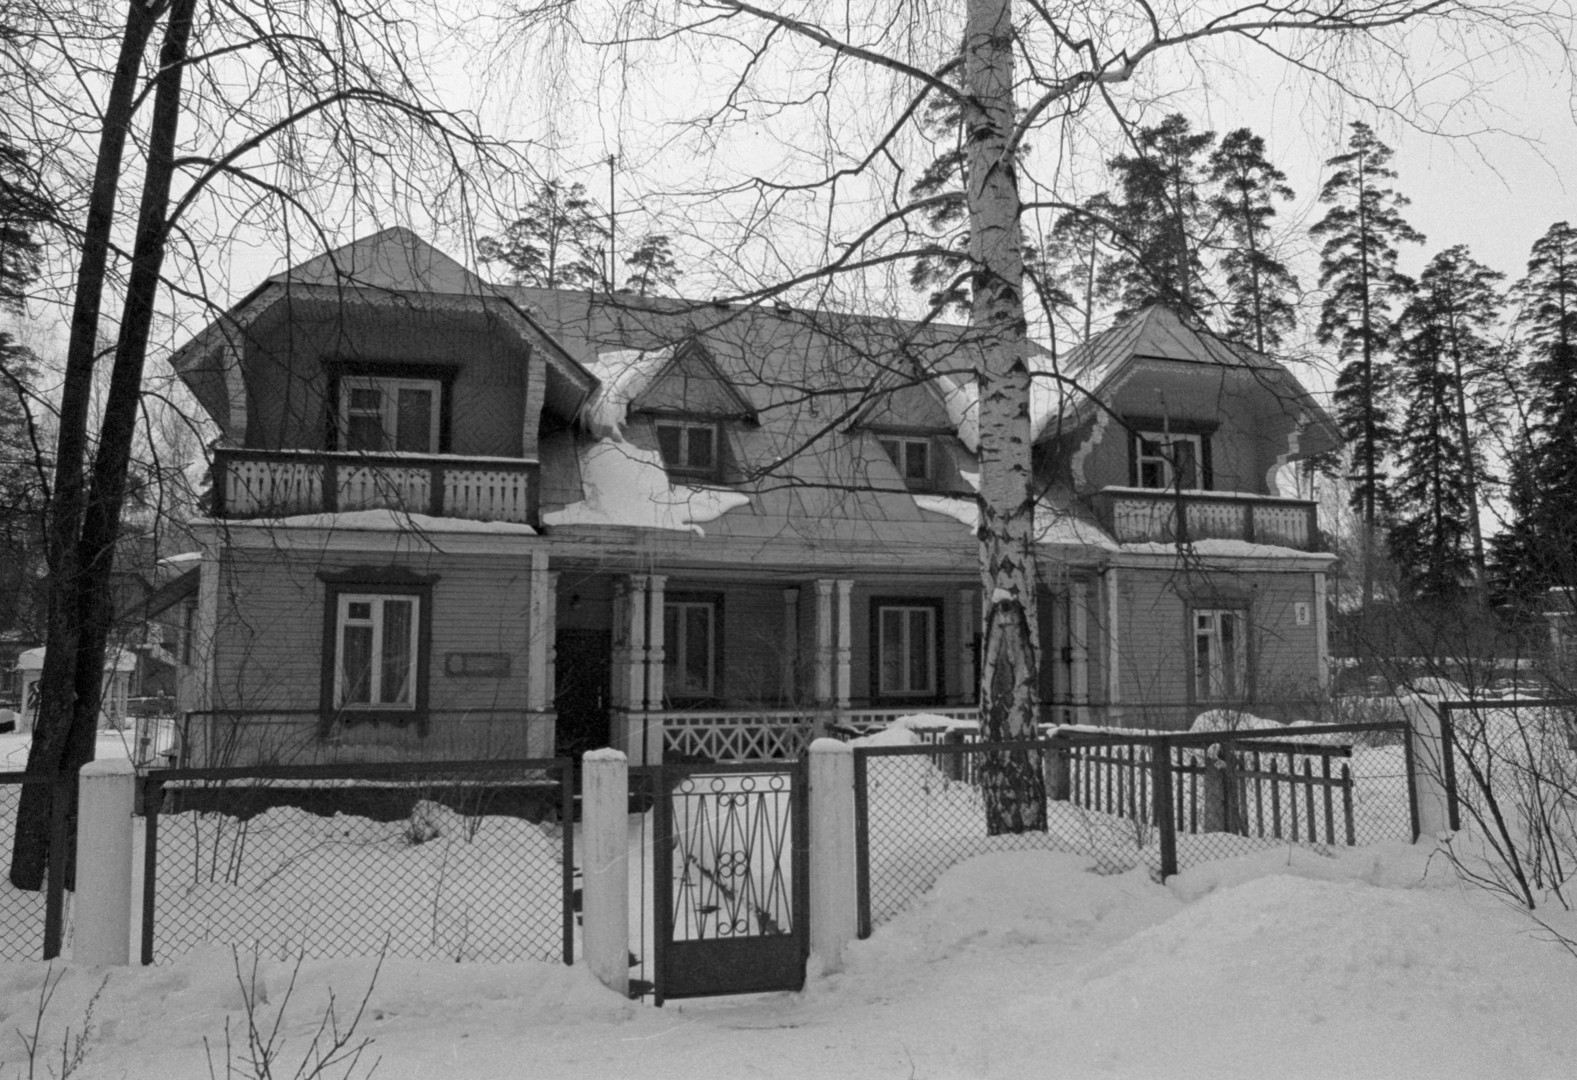 Кућа академика Андреја Сахарова који је пројектовао прву совјетску атомску бомбу.